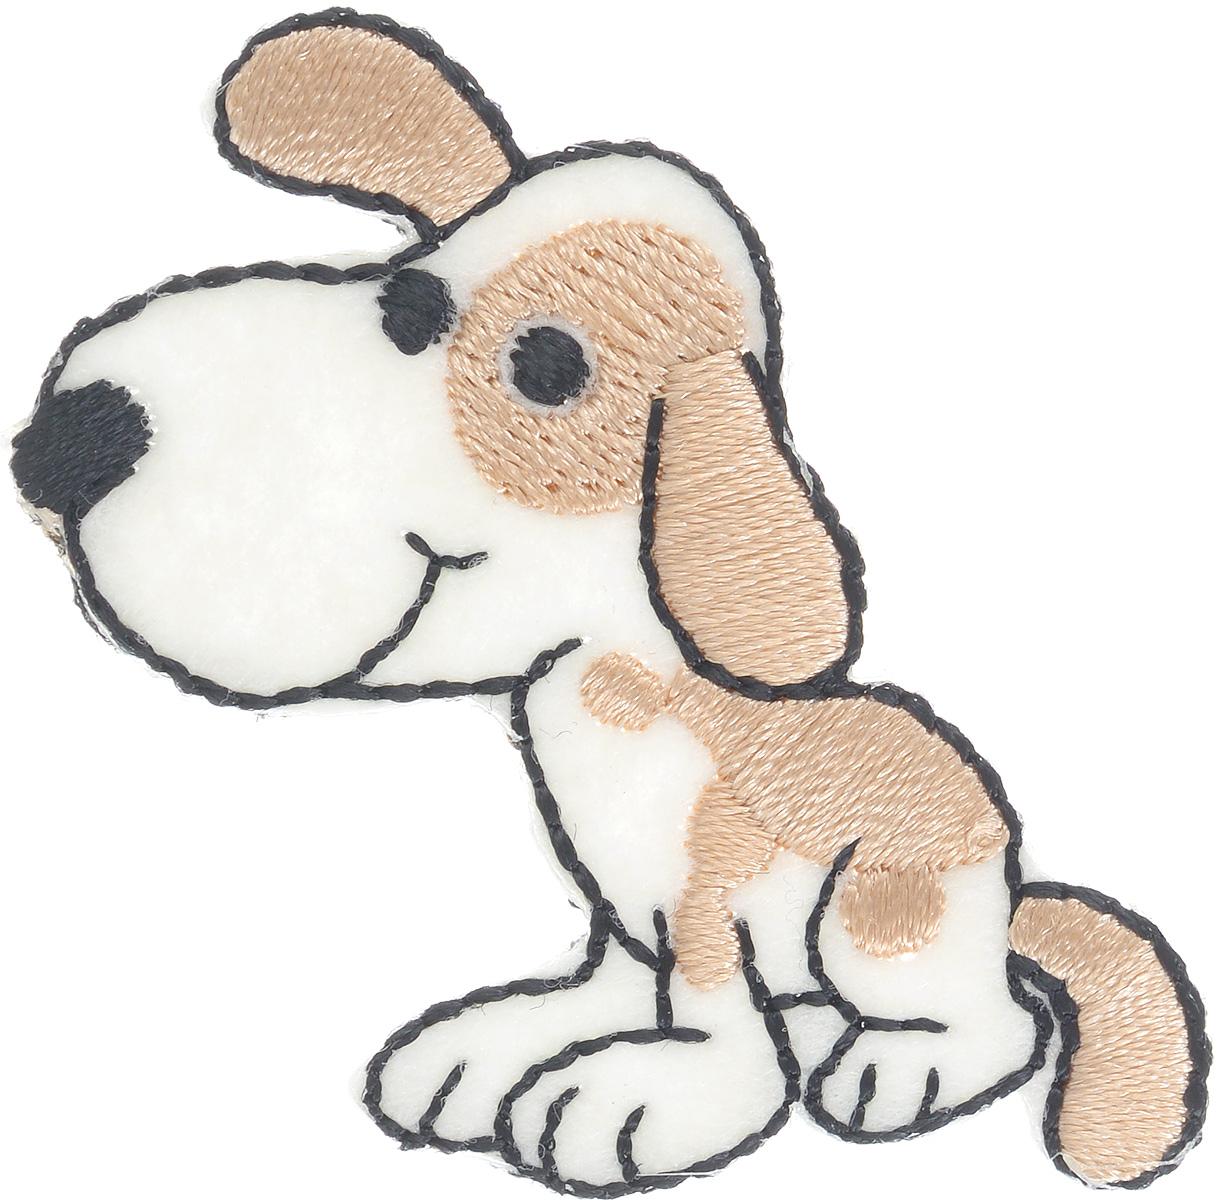 Термоаппликация Prym Собака, 5 х 4,3 см343130Вышитая термоаппликация Prym Собака с обратной стороны имеет клеящую основу, при помощи которой вы без труда прикрепите данную аппликацию на вашу одежду. Для большей надежности вы также можете пришить ее по краям, предотвращая отклеивание после многократных стирок. Термоаппликация выполнена в виде собаки и оформлена яркой вышивкой.